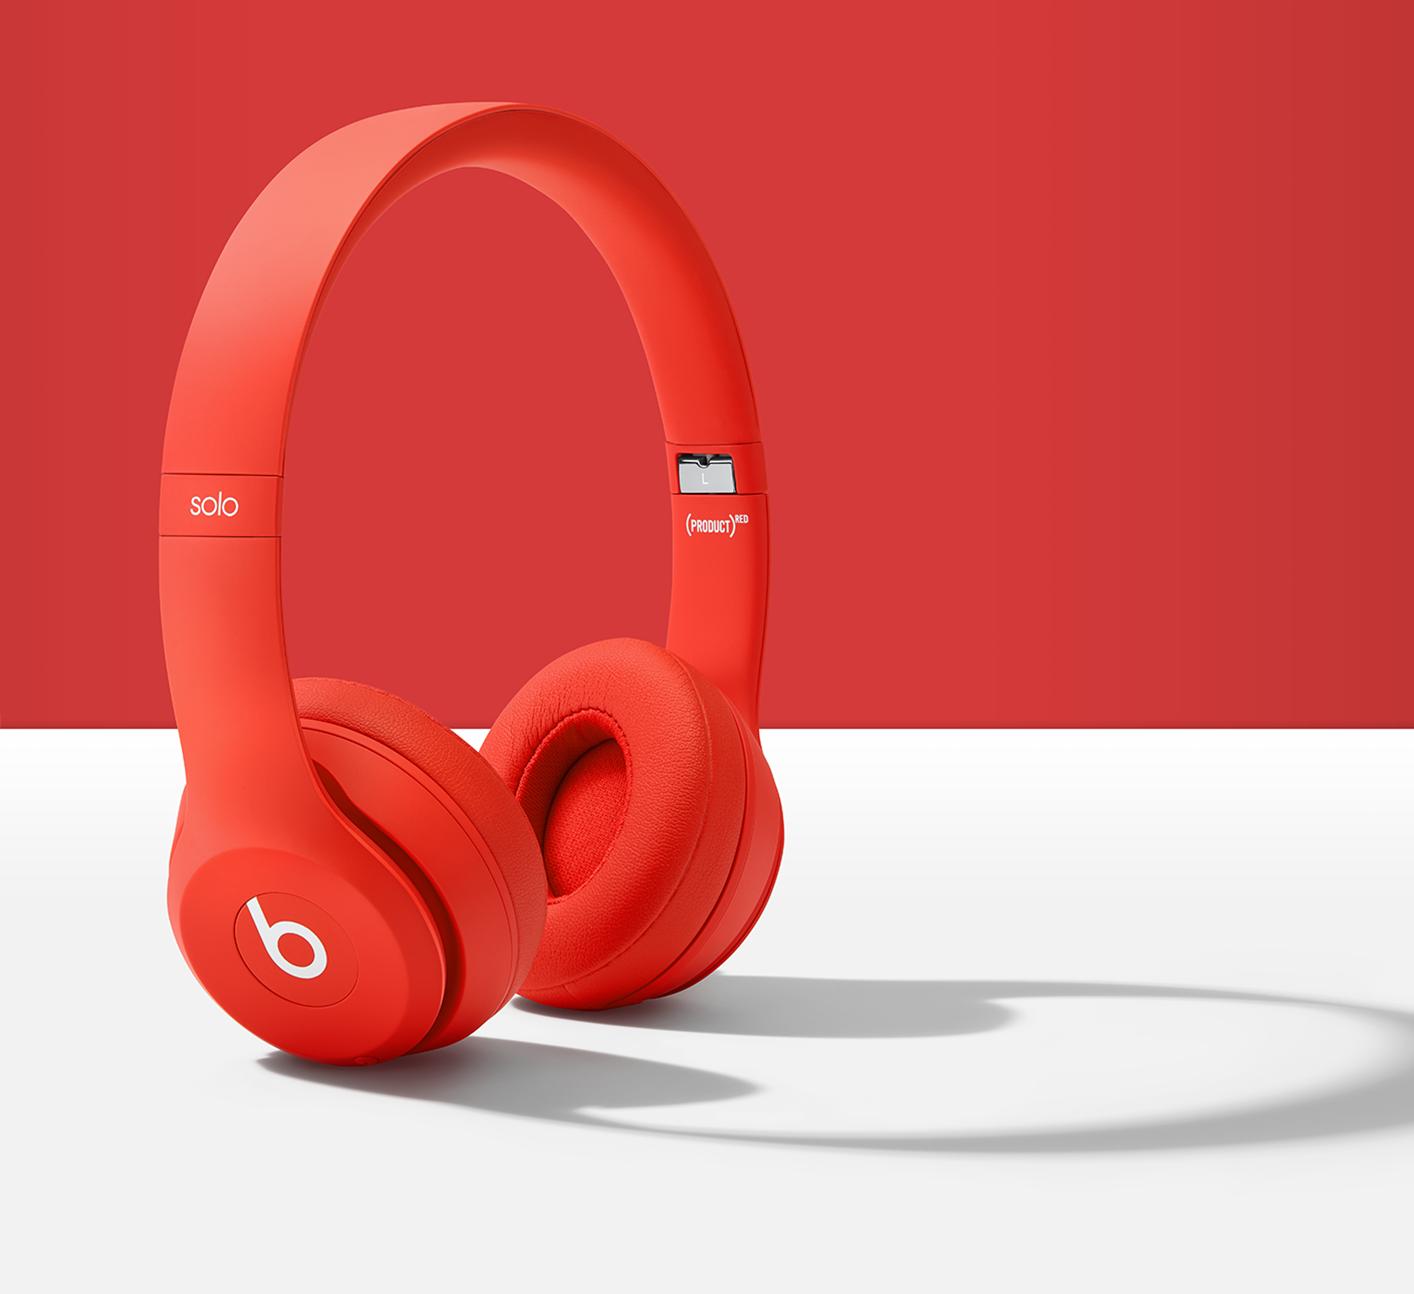 这就是被拿来当作赠品的红色款 Beats Solo3 Wireless 无线头戴式耳机。